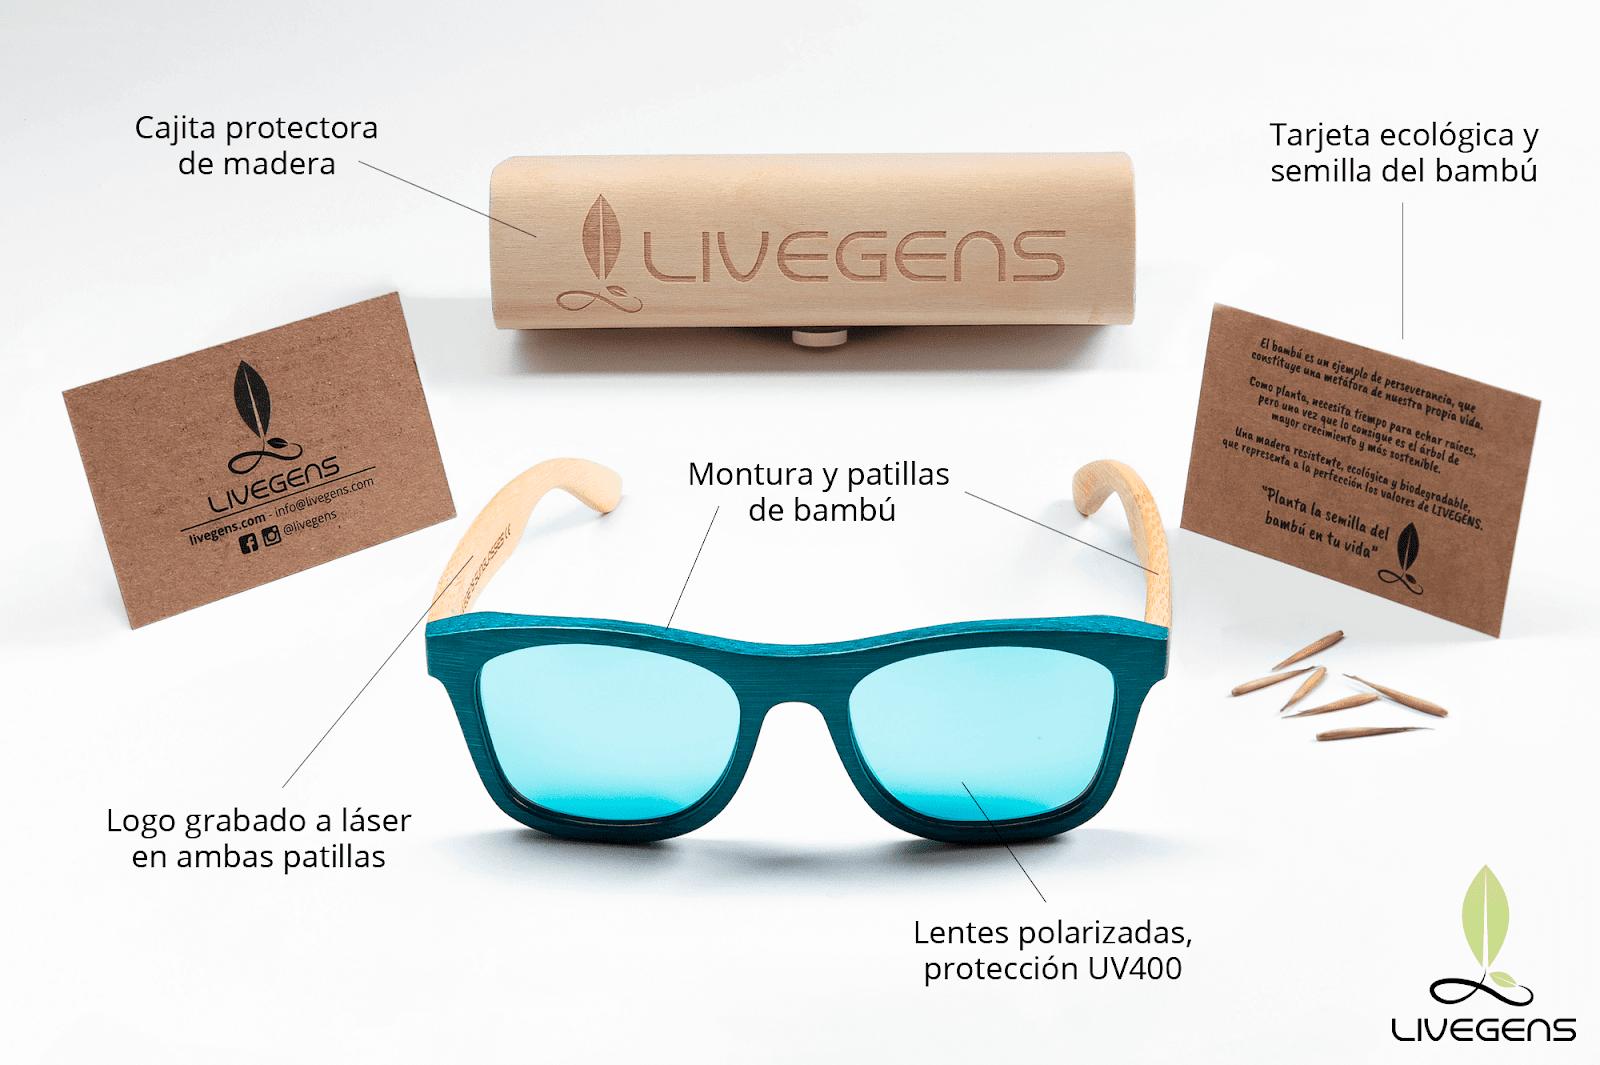 Livegens gafas de bambu